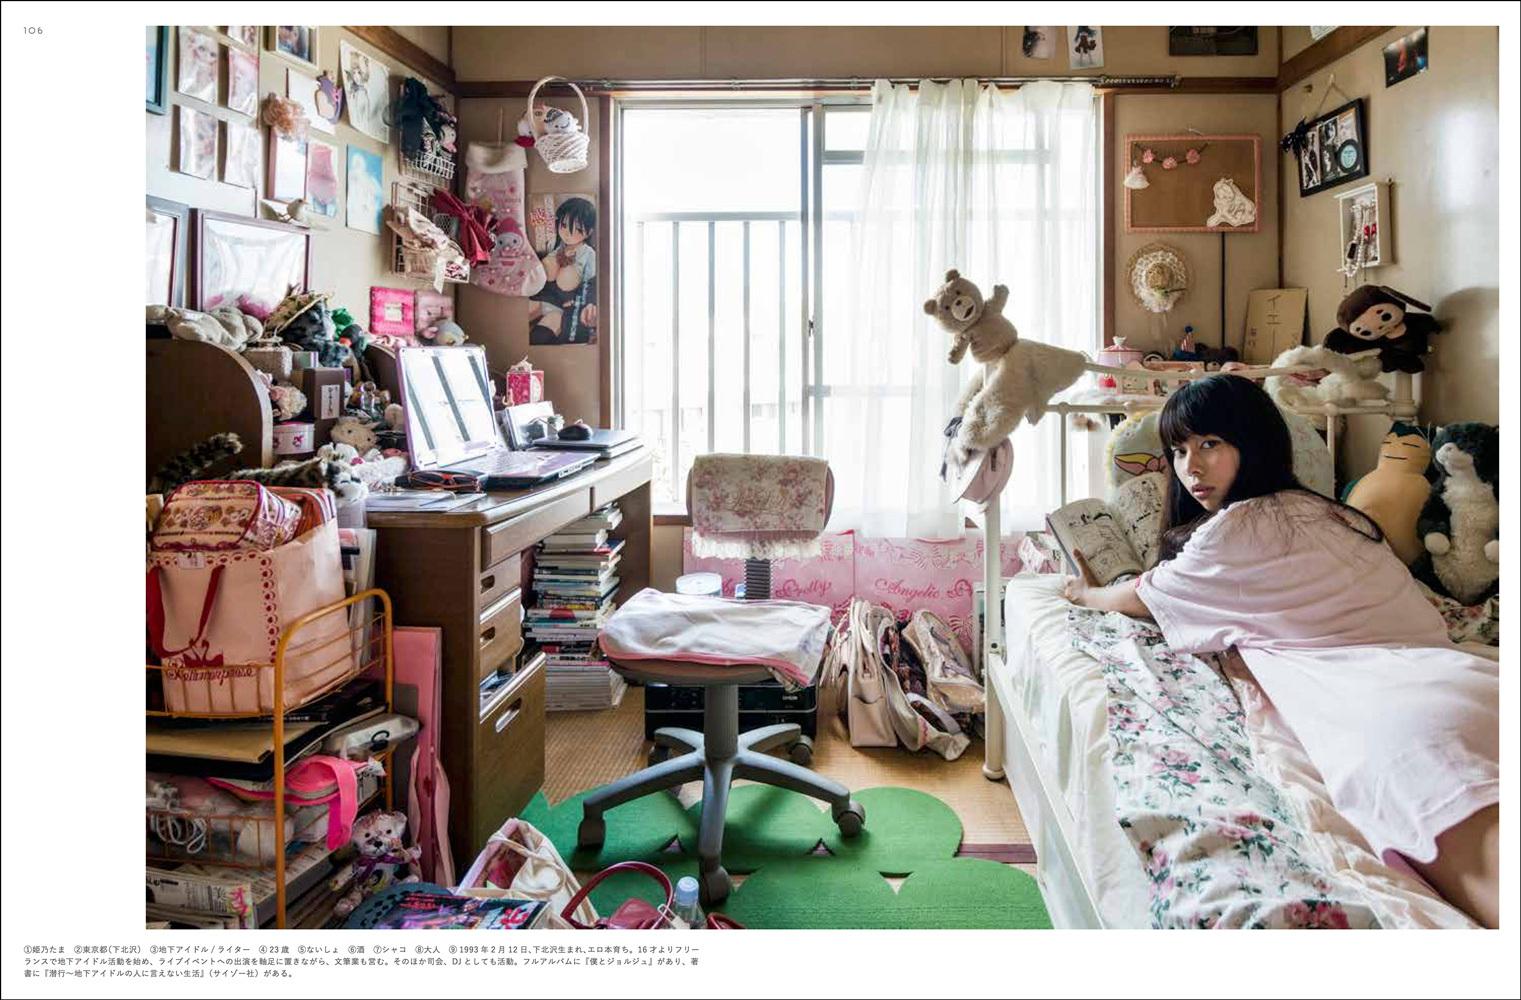 作画資料写真集 女子(おなご)部屋